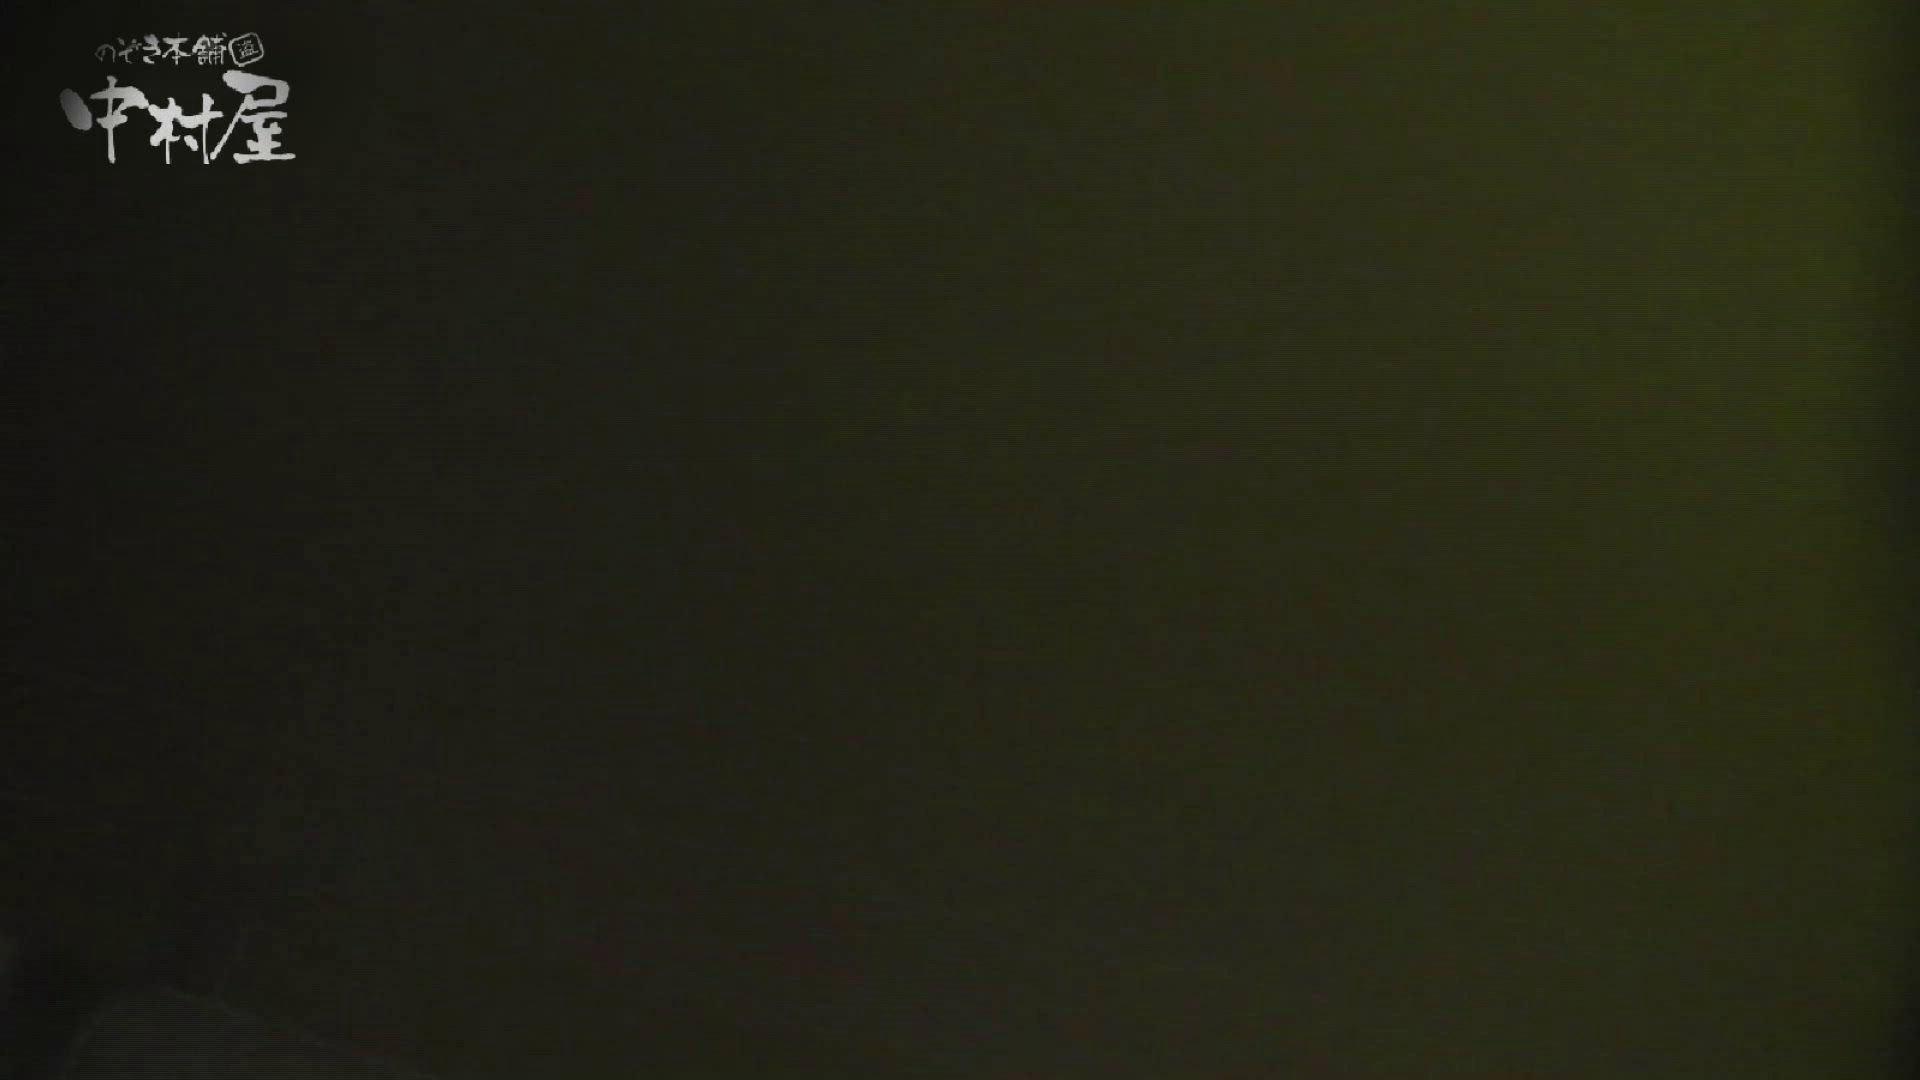 ▲期間限定D▲第三体育館潜入撮File035 アングル調整、場所変更!違った味の物が誕生 前編 人気シリーズ ぱこり動画紹介 104pic 58